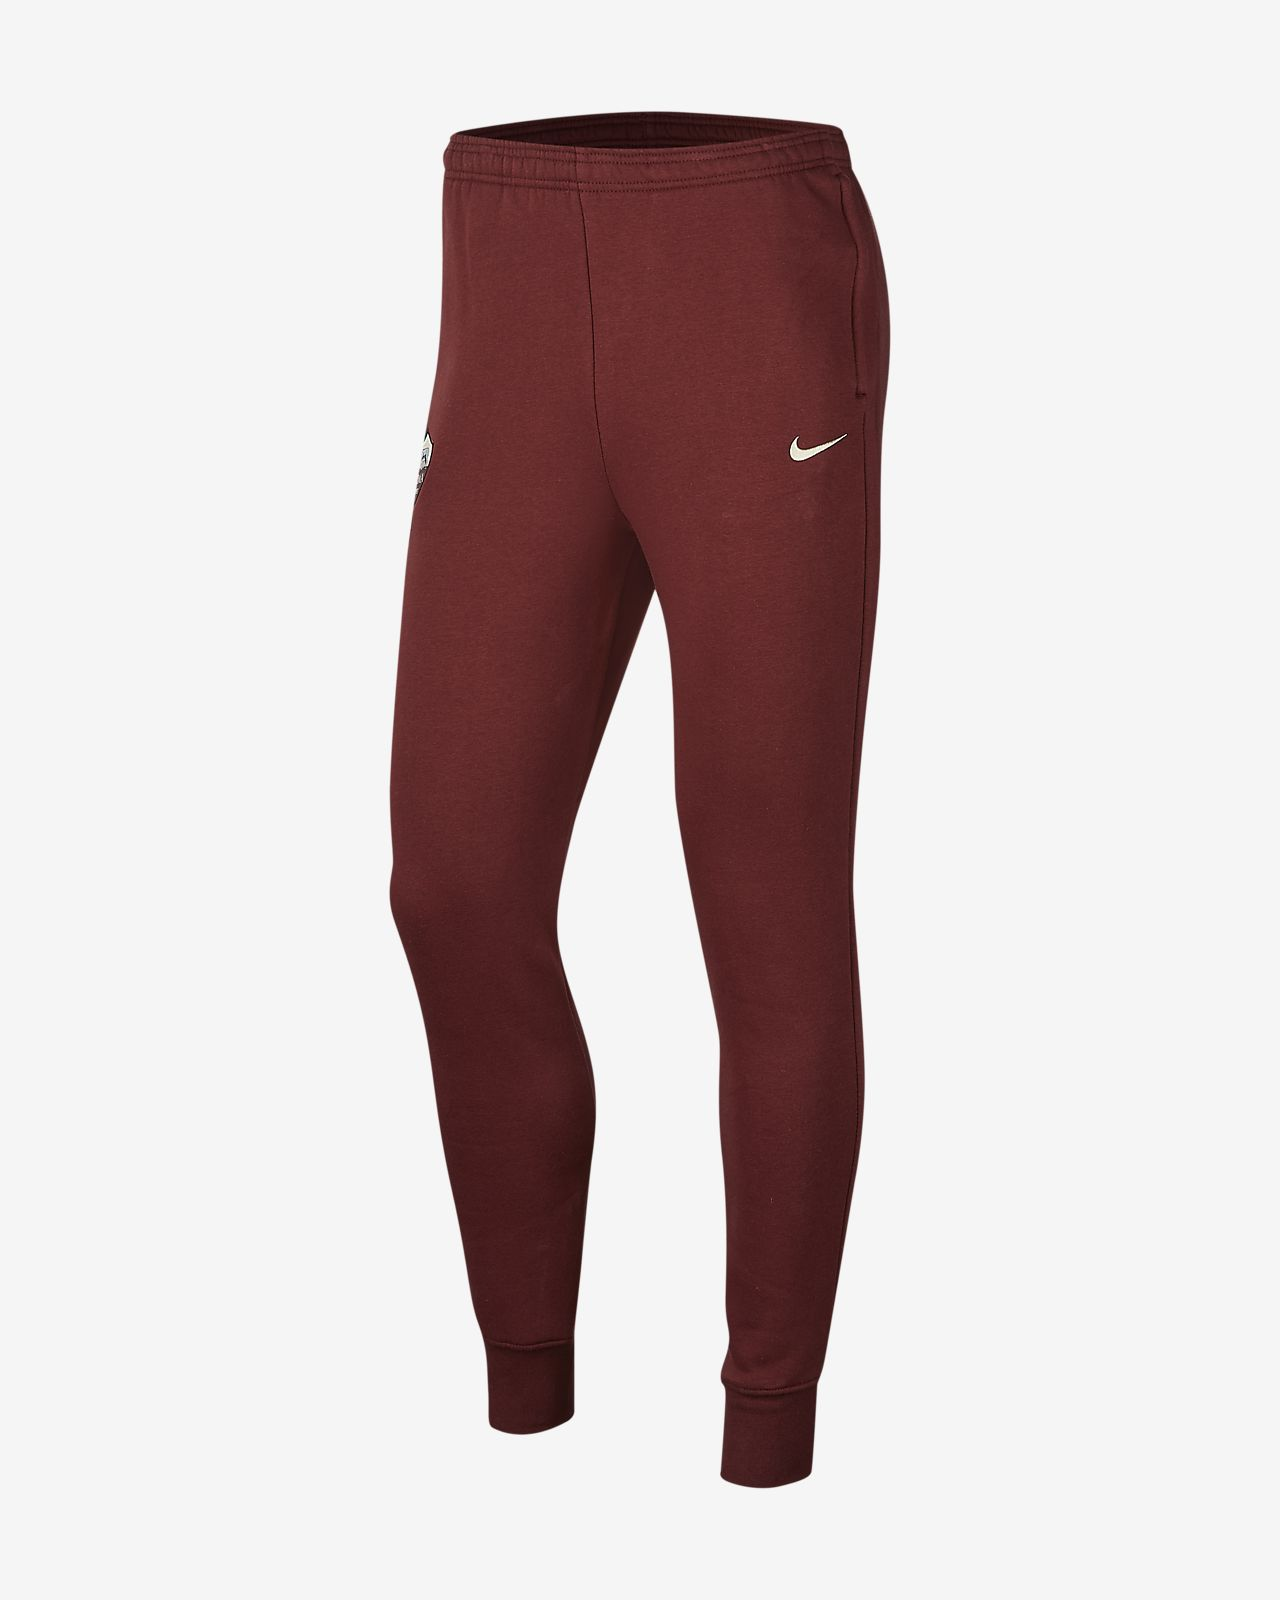 Pantalones de tejido Fleece para hombre A.S. Roma